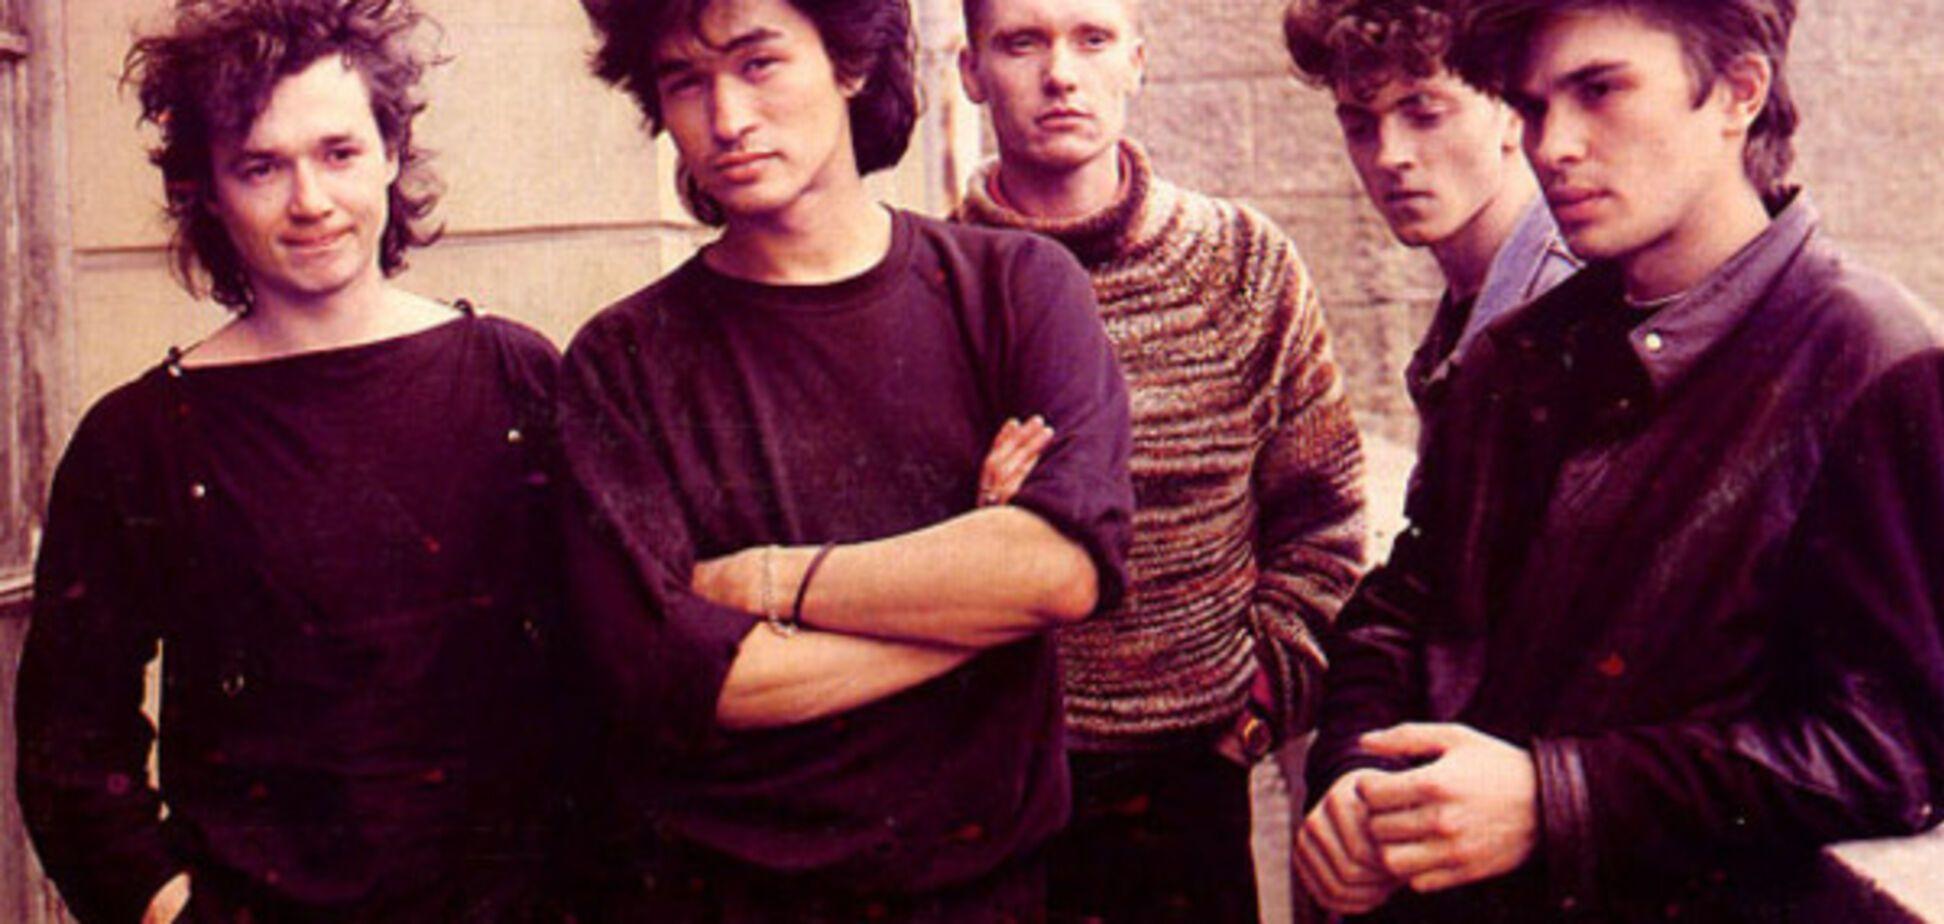 День народження Цоя: обираємо кращу пісню гурту 'Кіно'